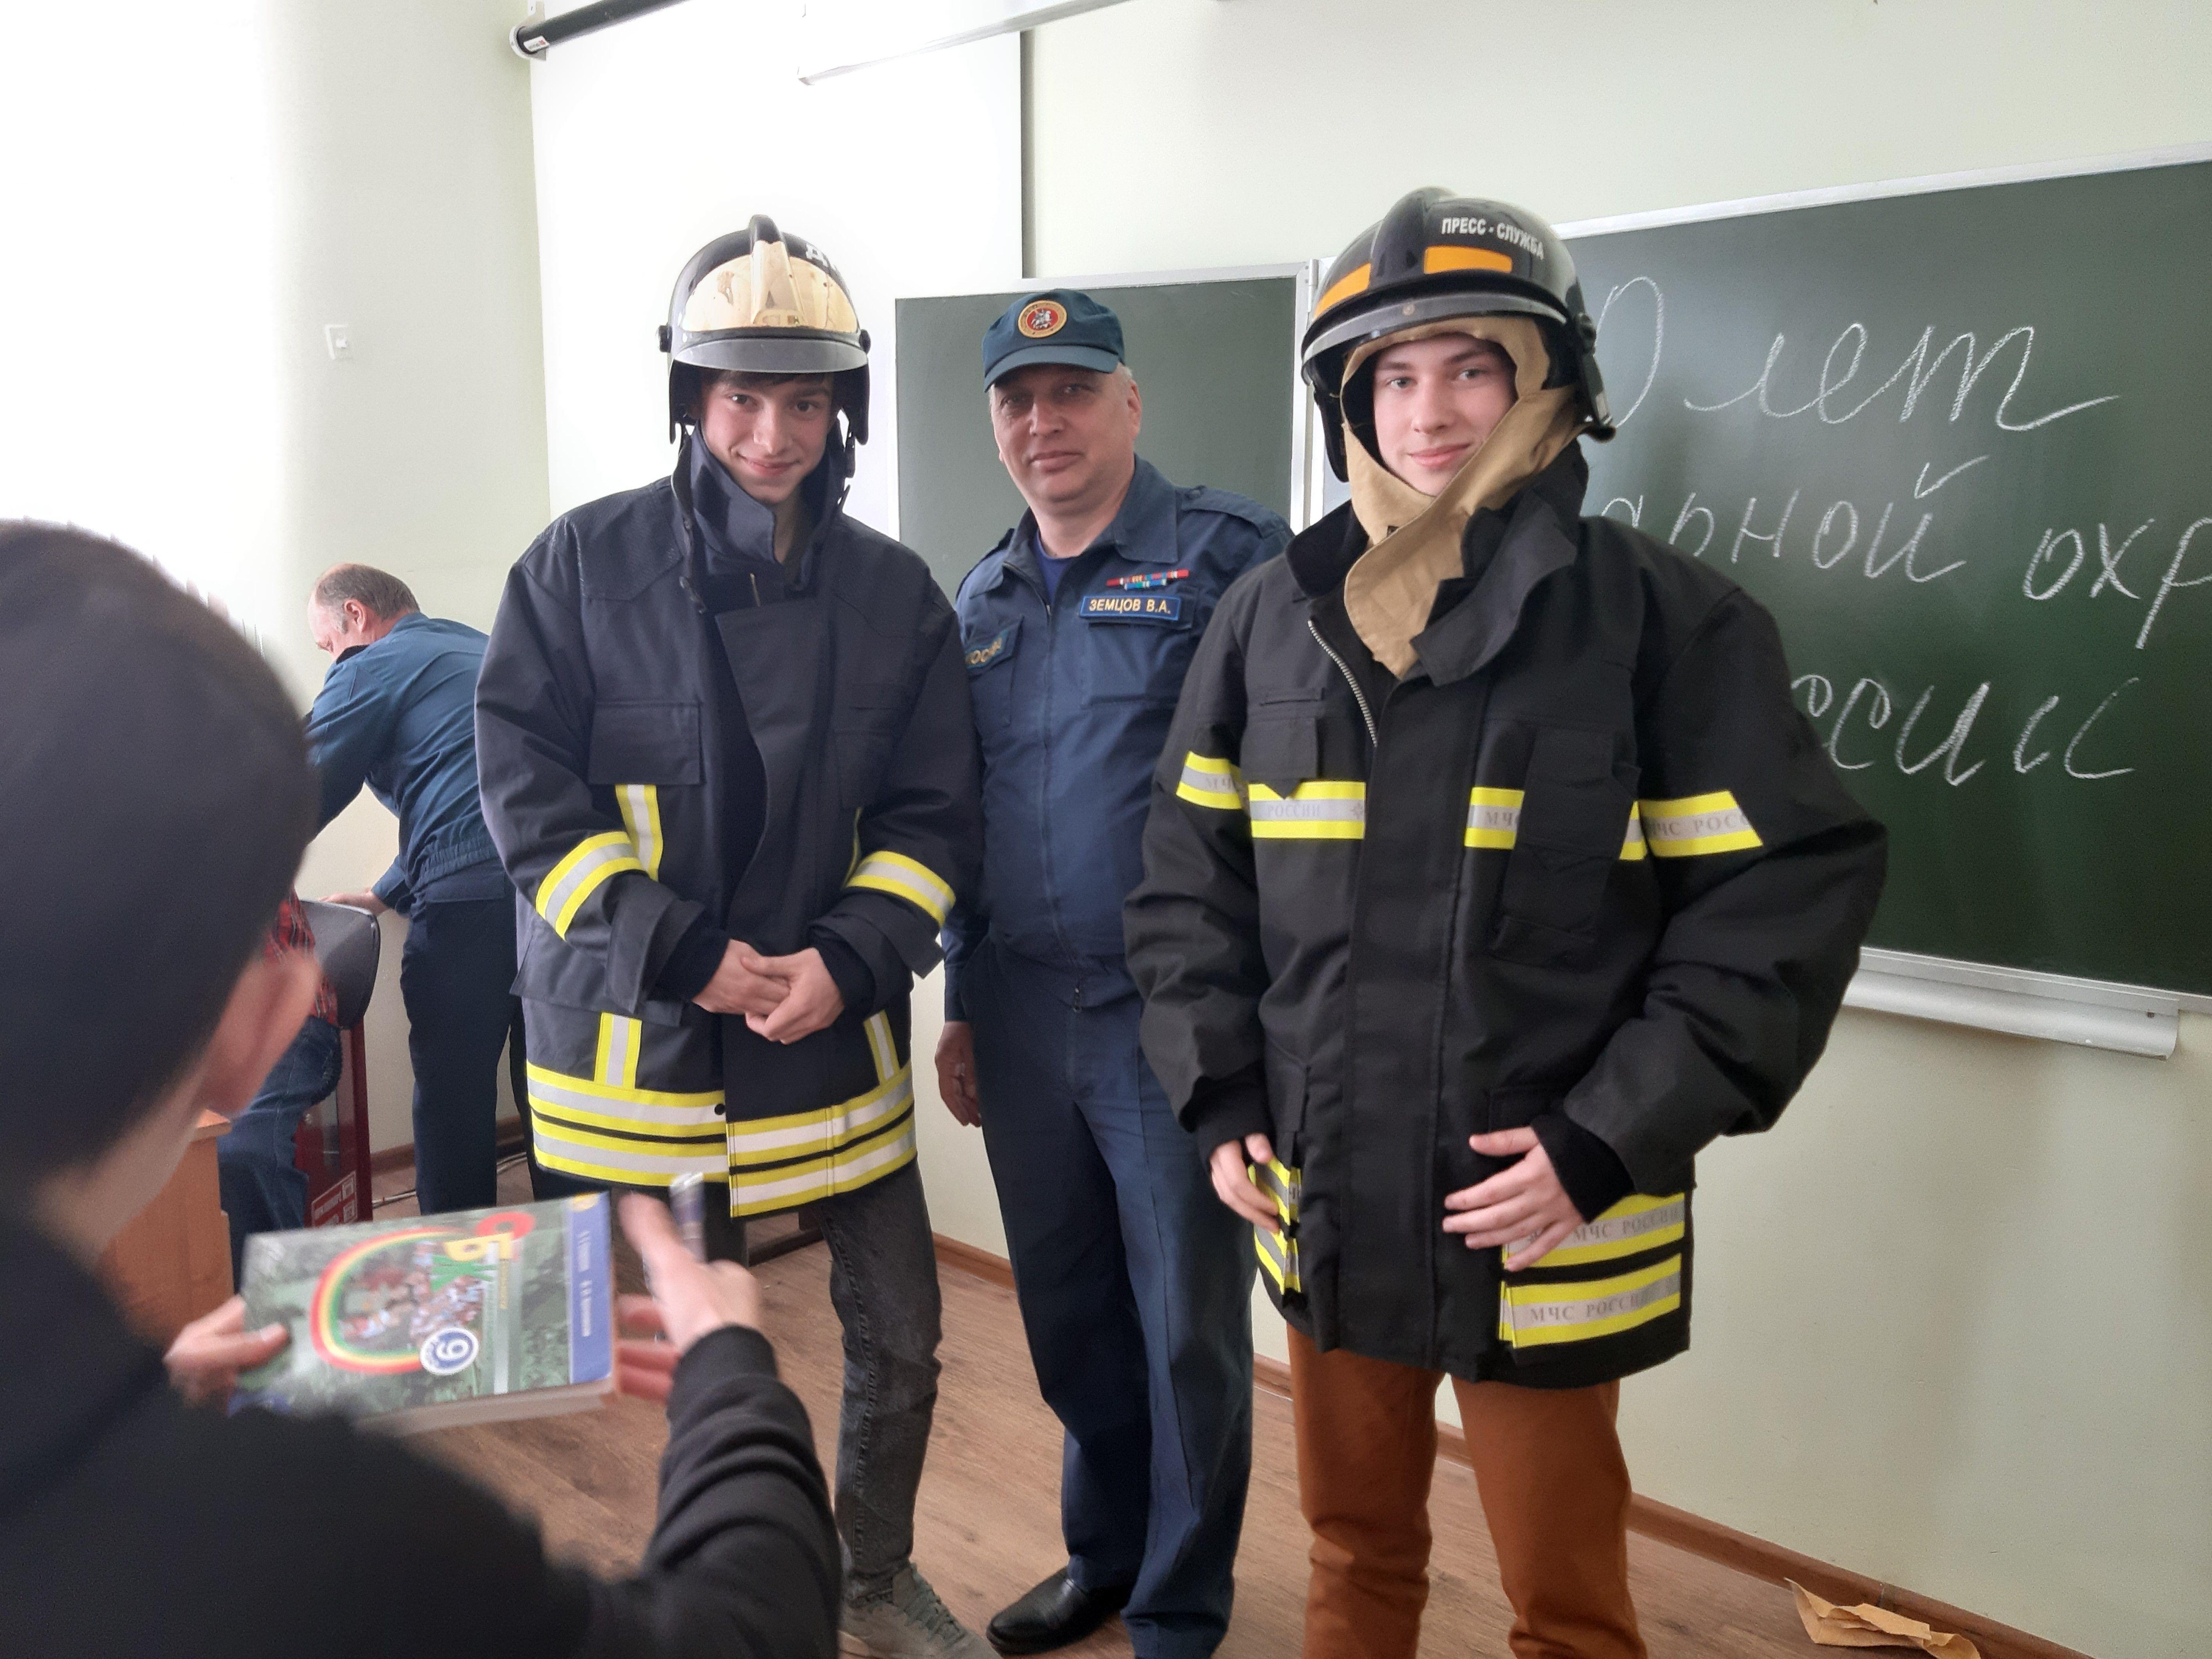 В День пожарной охраны России в Новой Москве проходят уроки ОБЖ